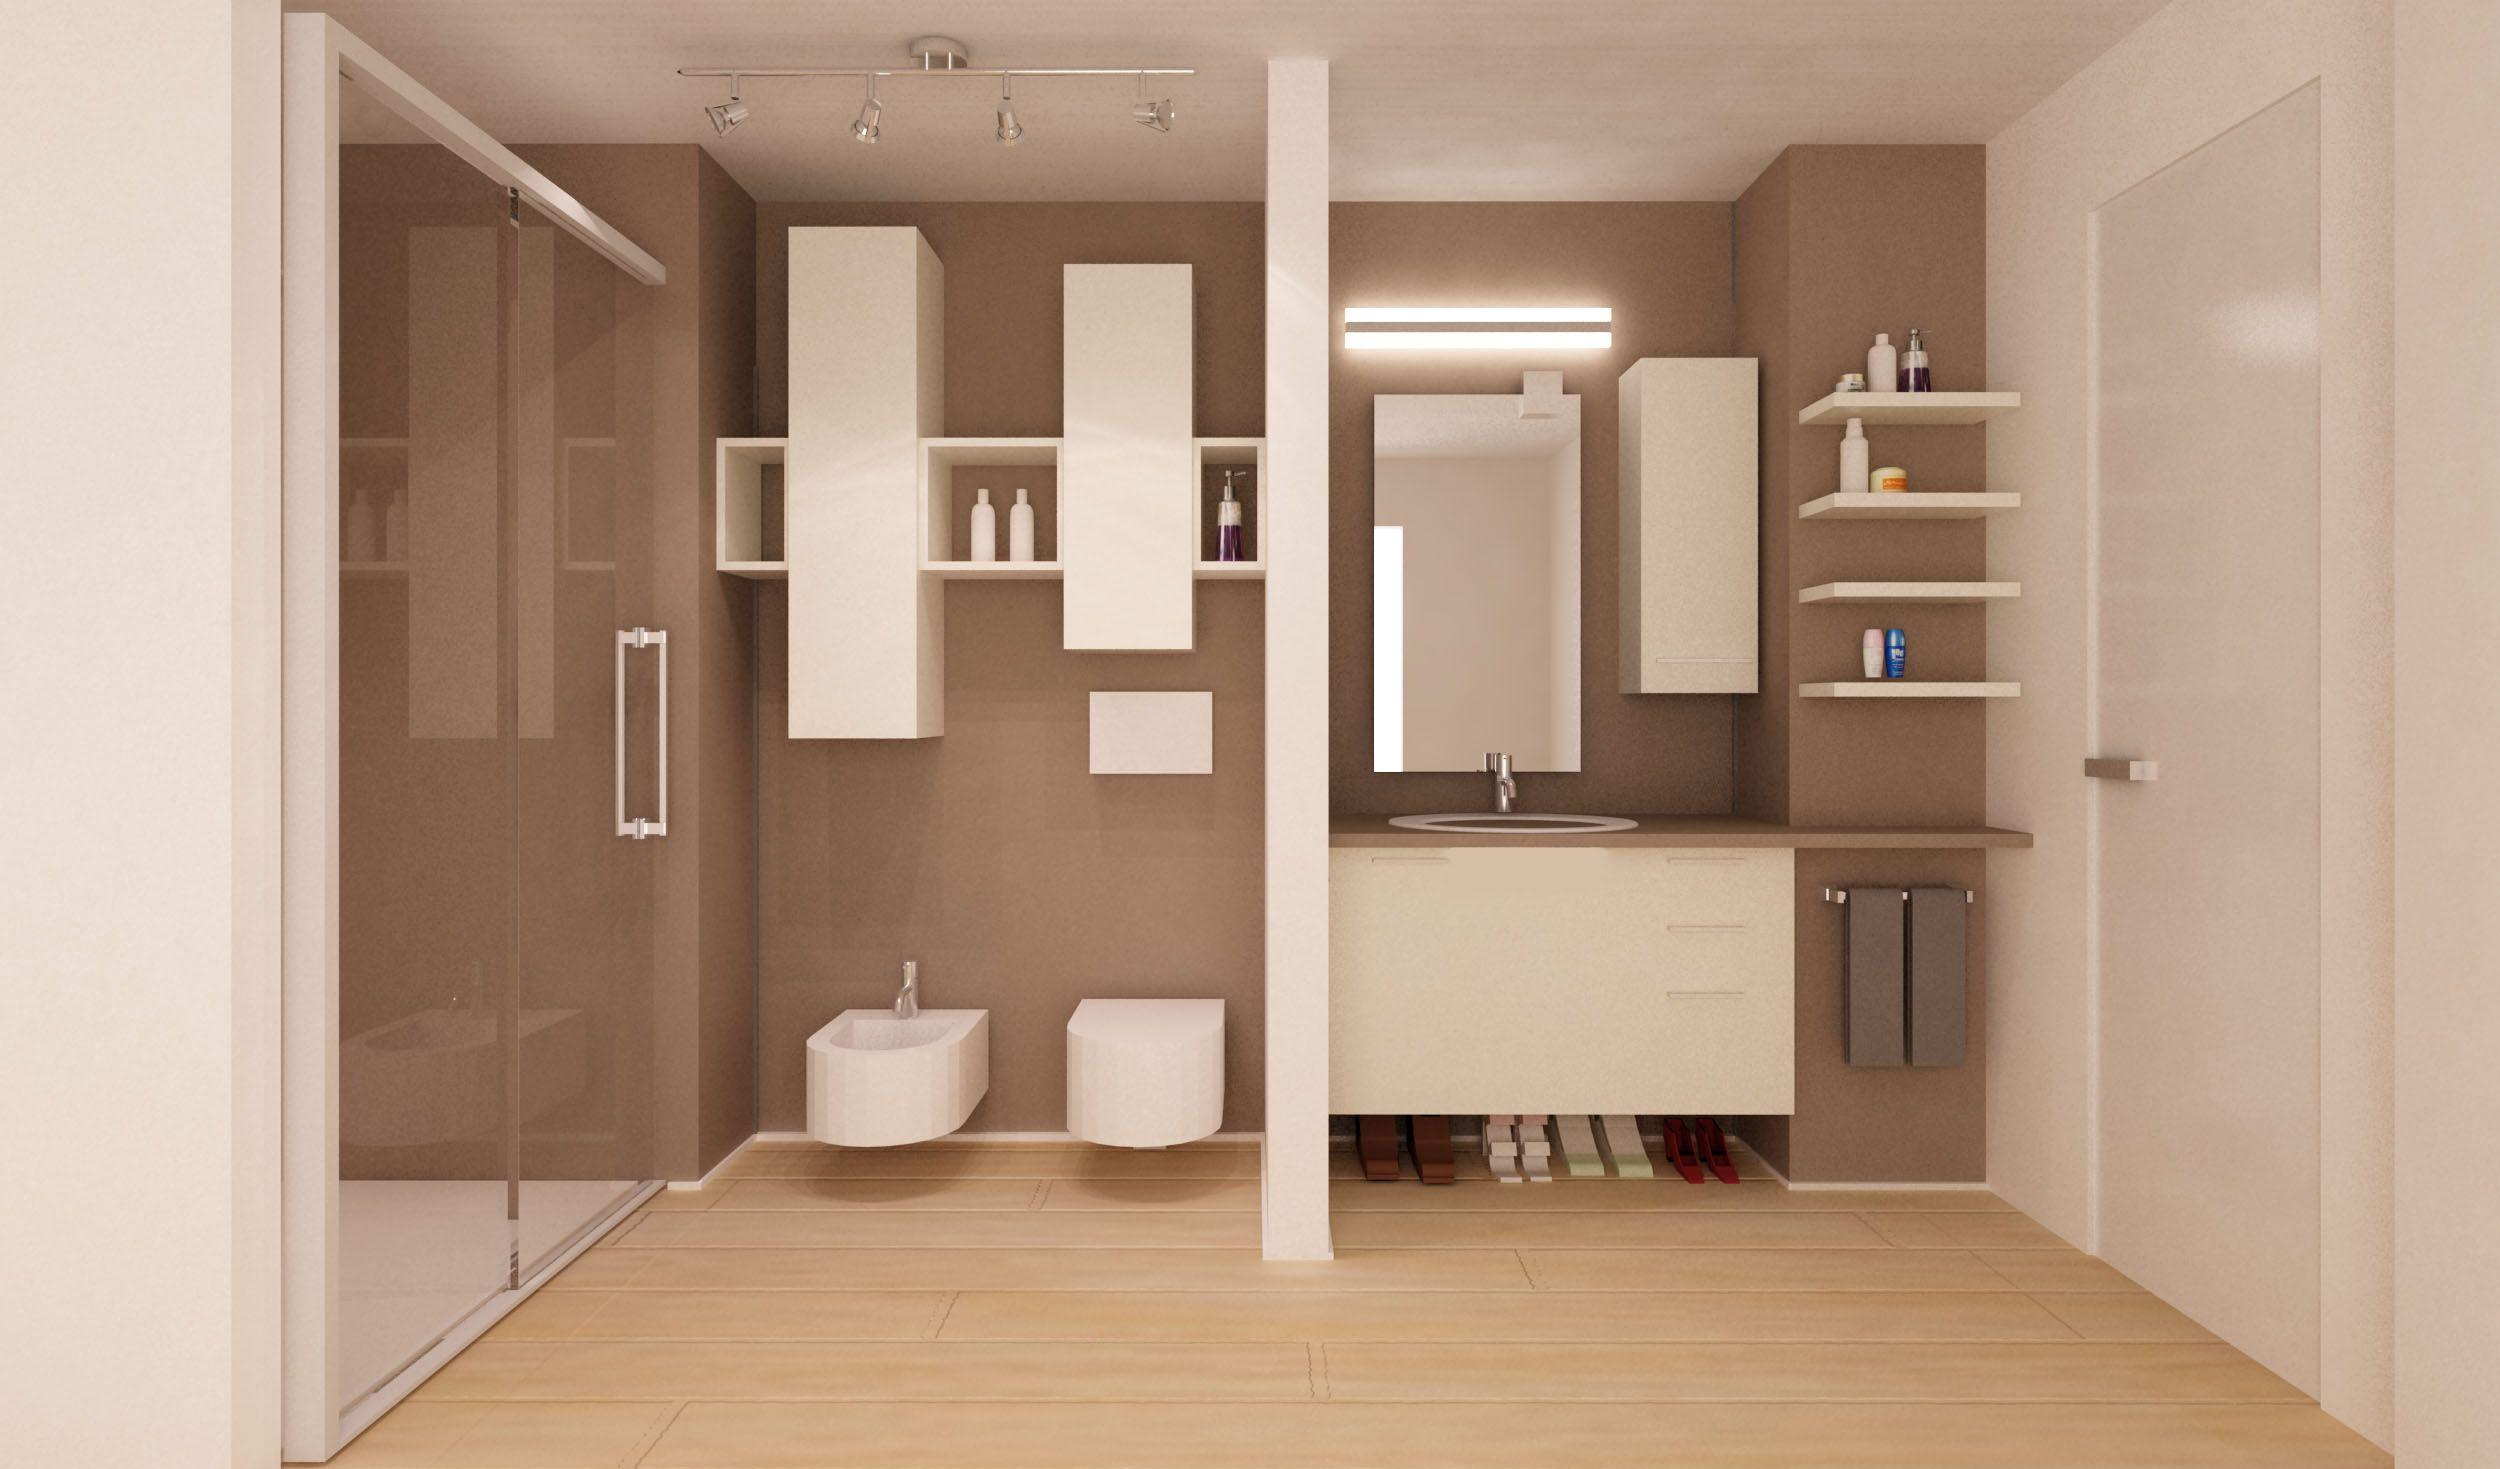 bagni moderni con parquet - Cerca con Google | Fabrizio | Pinterest ...